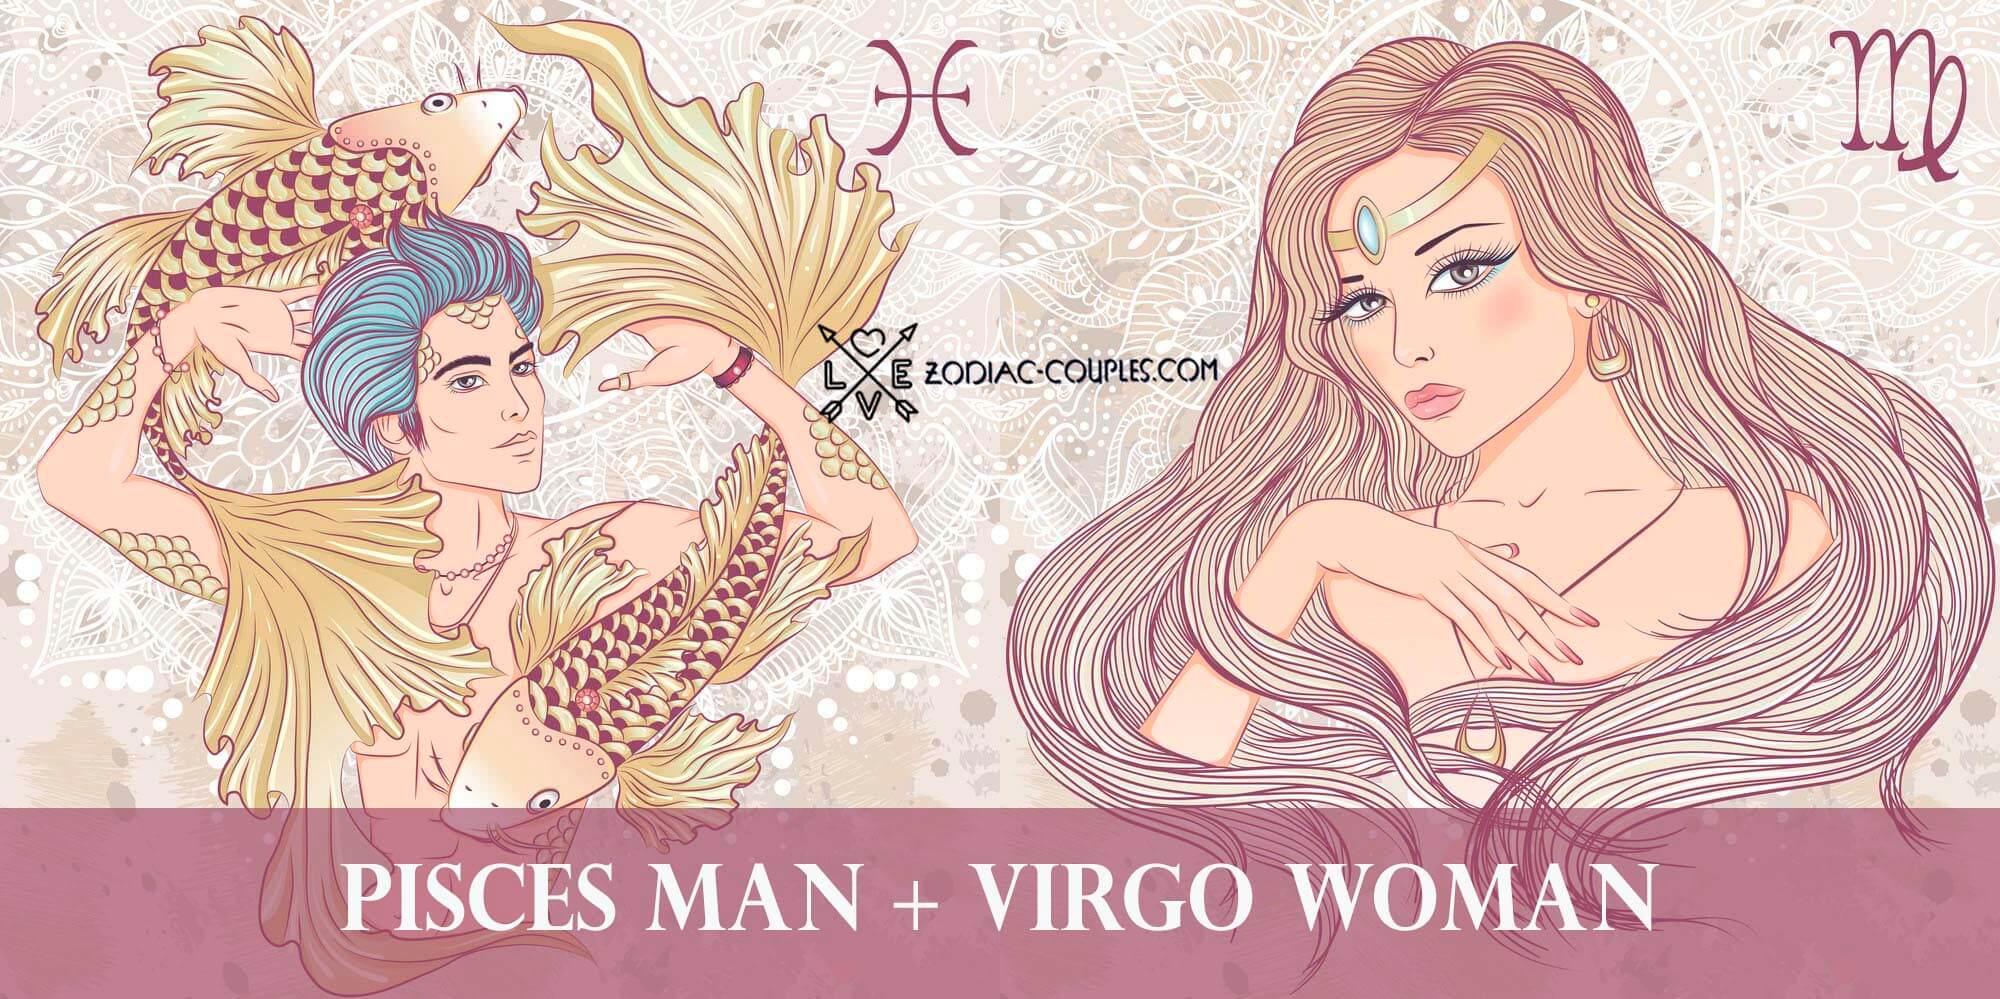 Man woman virgo relationship pisces Virgo Man